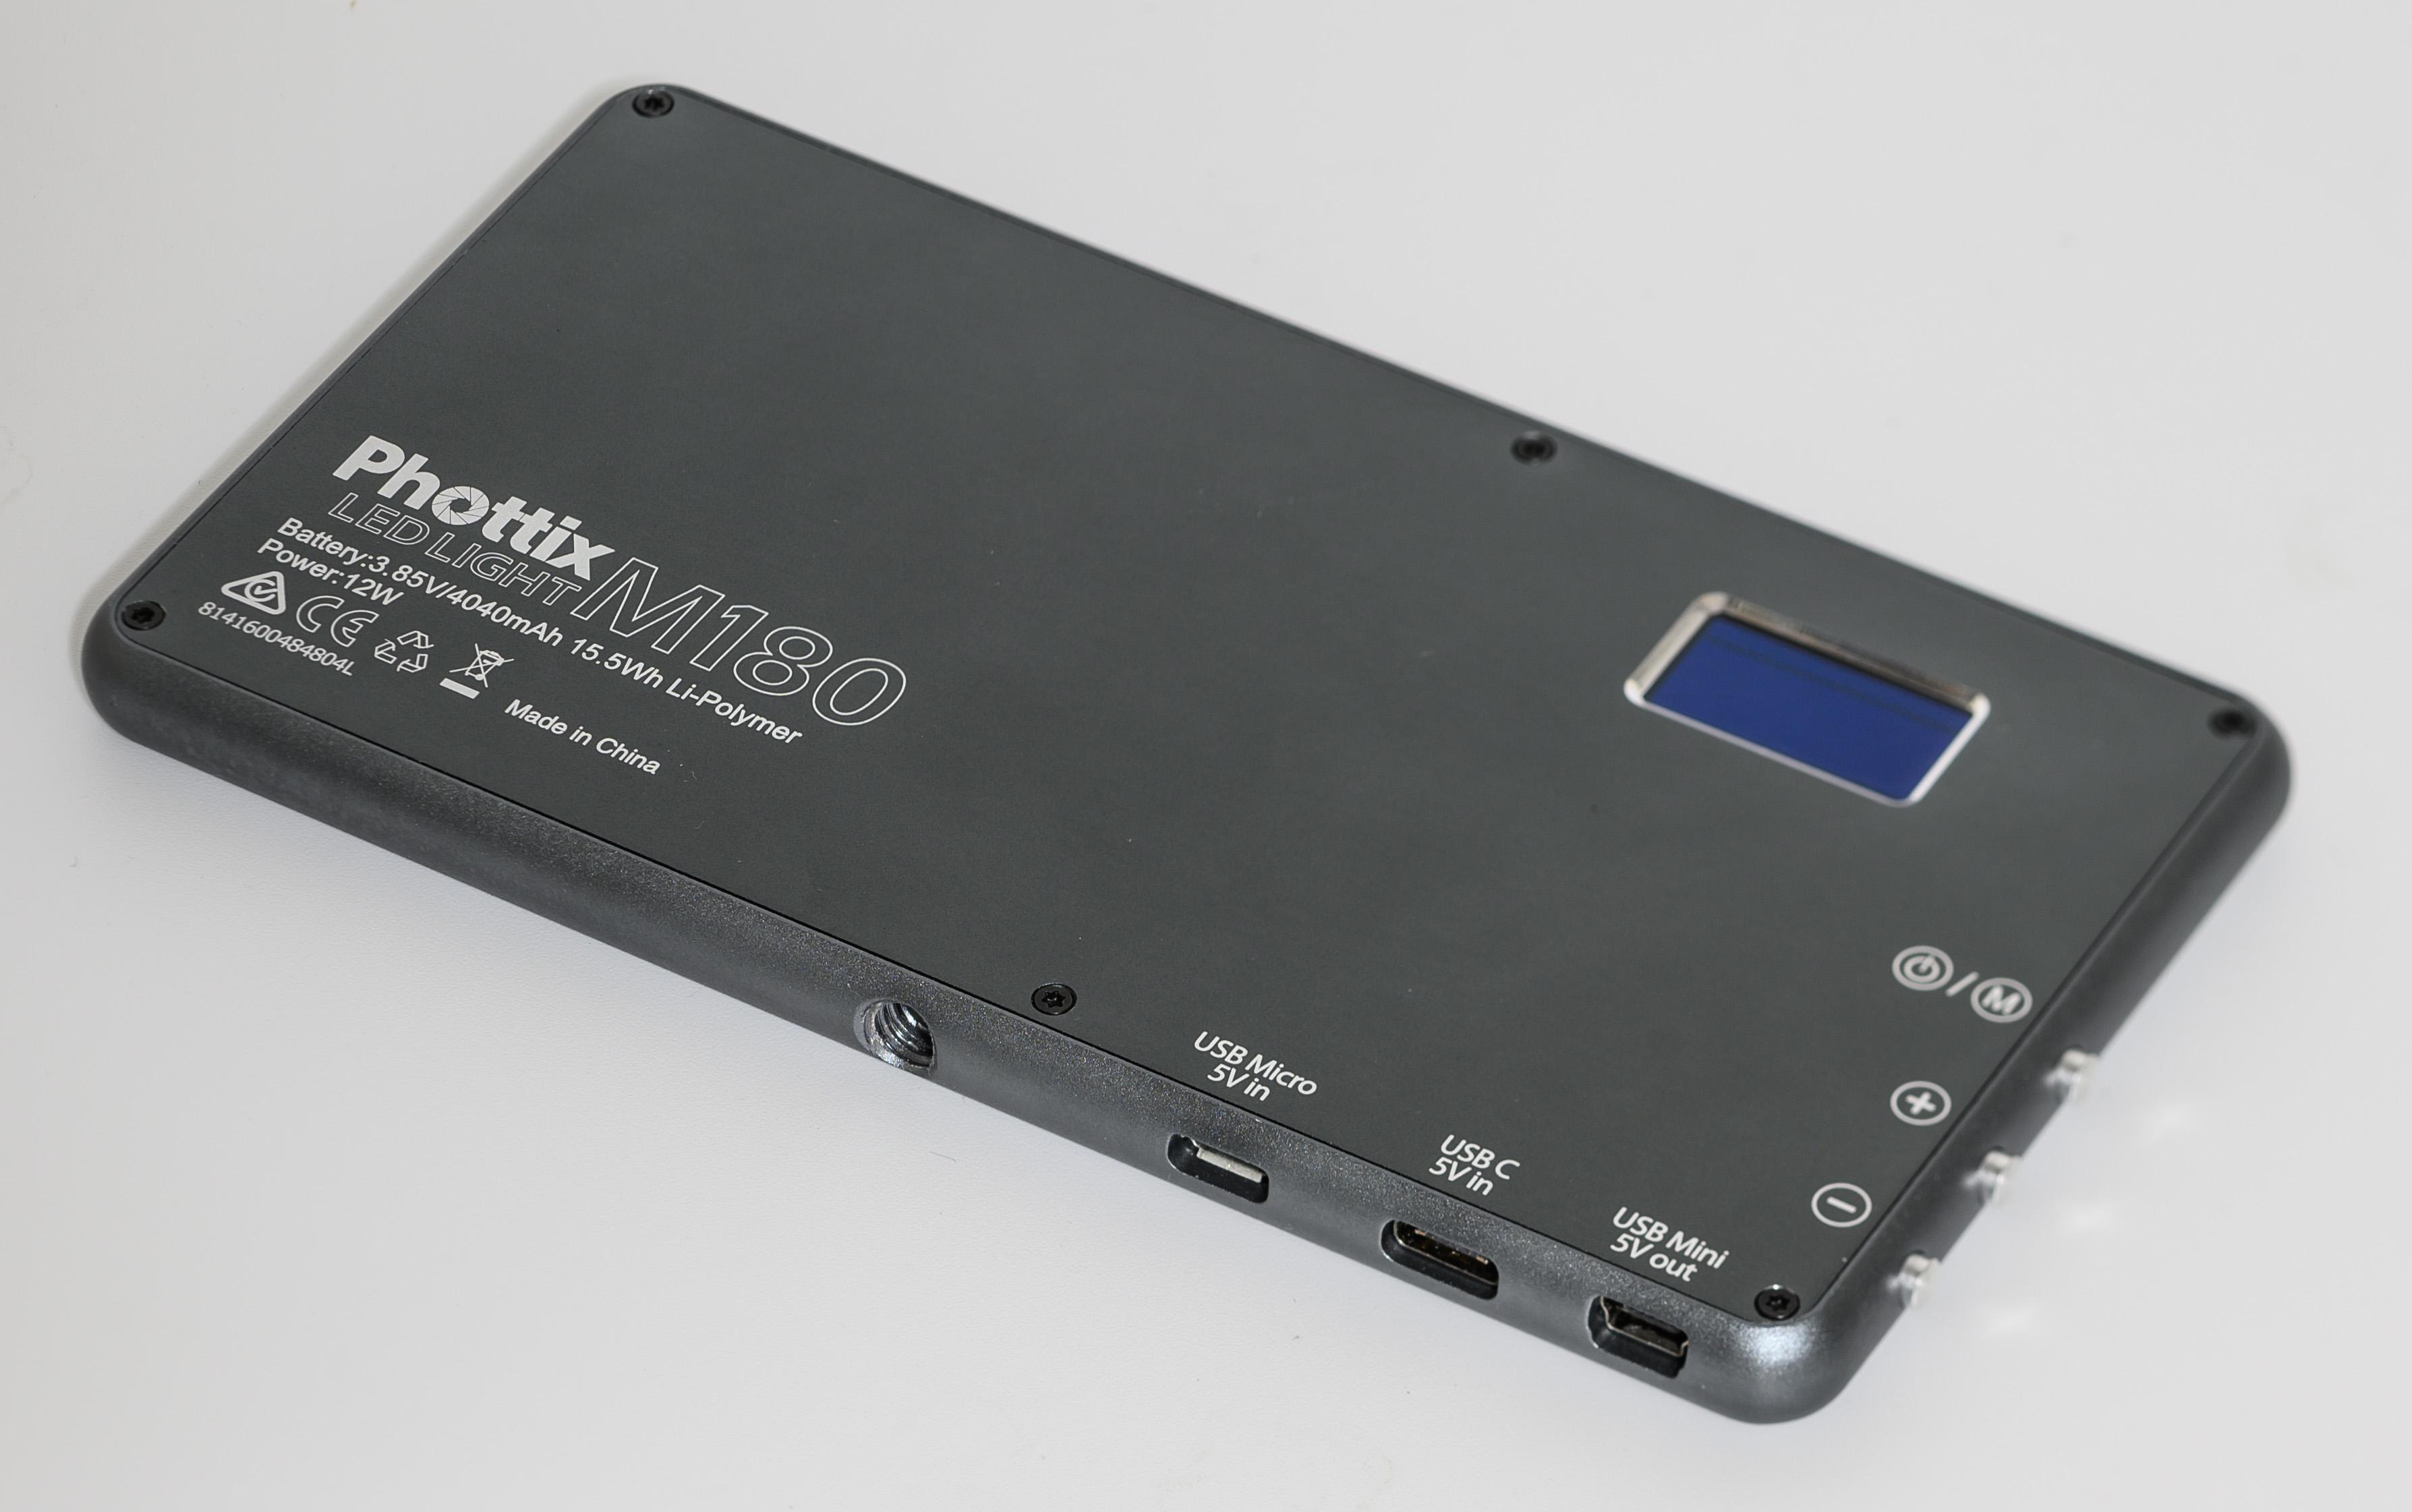 Phottix M180 LED LIGHT レビュー LEDライト 定常光 充電式 屋外 フラッシュ ライティング ポータブル モバイルバッテリー USB WB ホワイトバランス